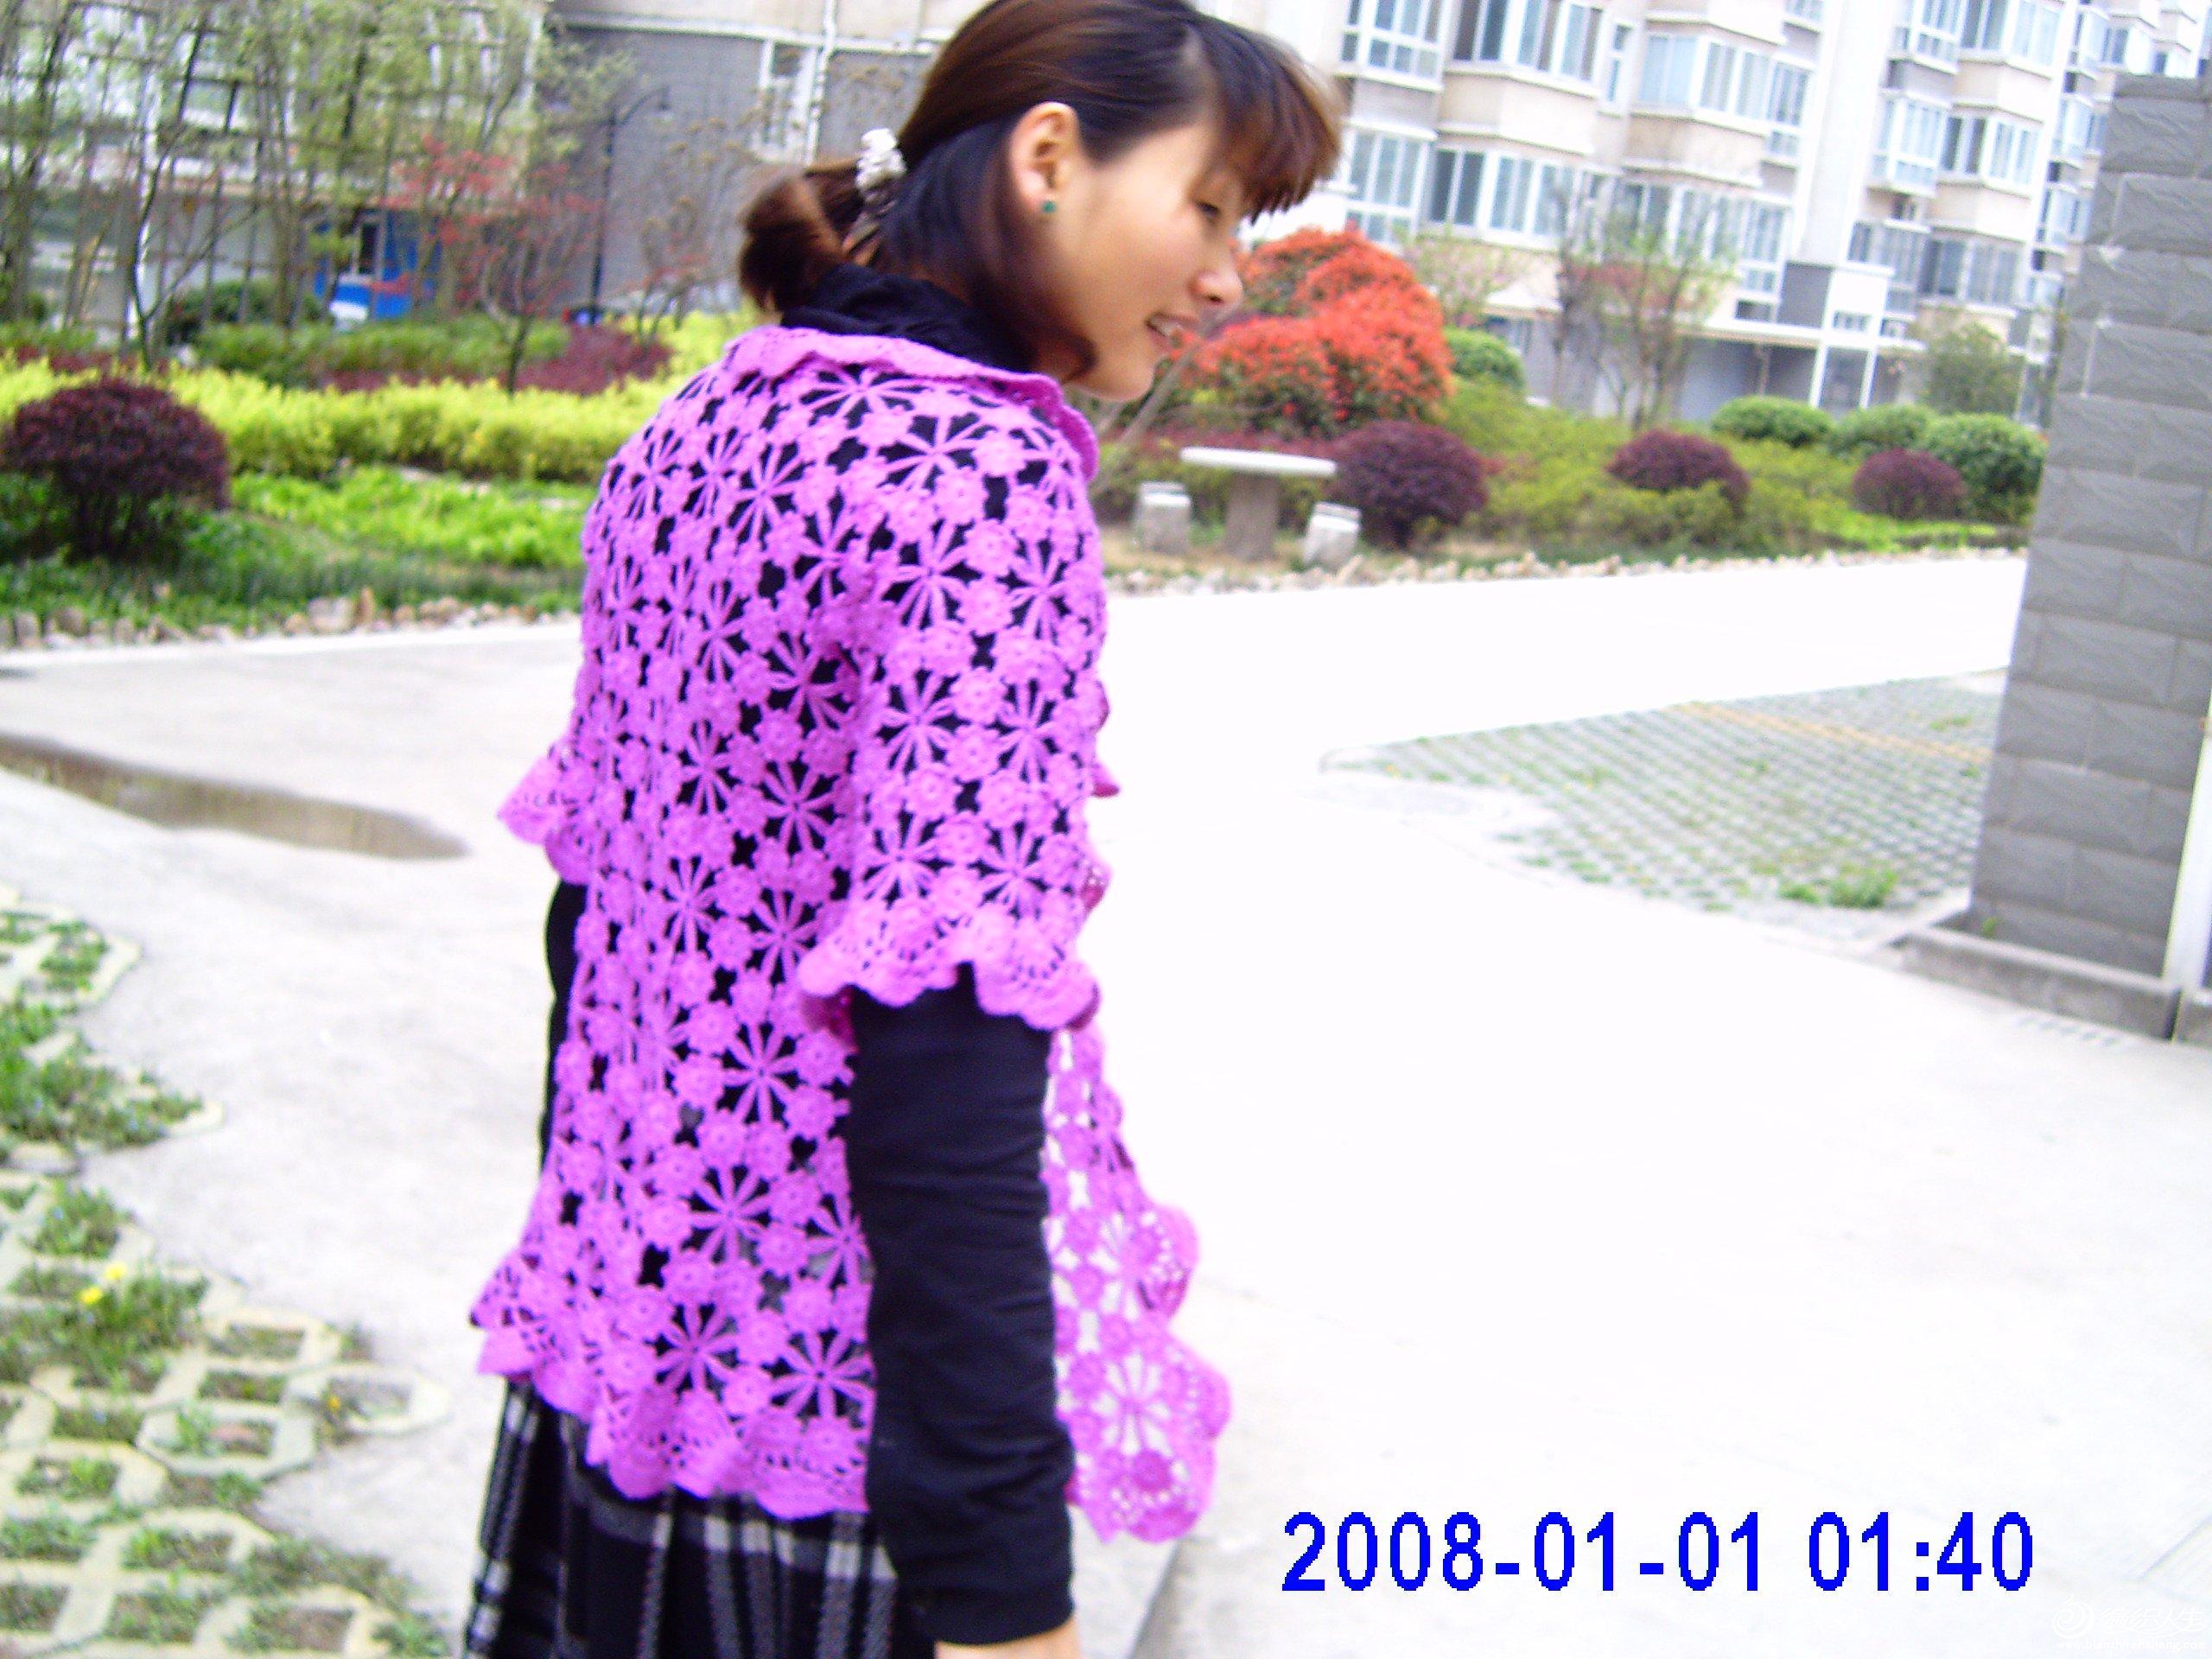 PICT0055.JPG